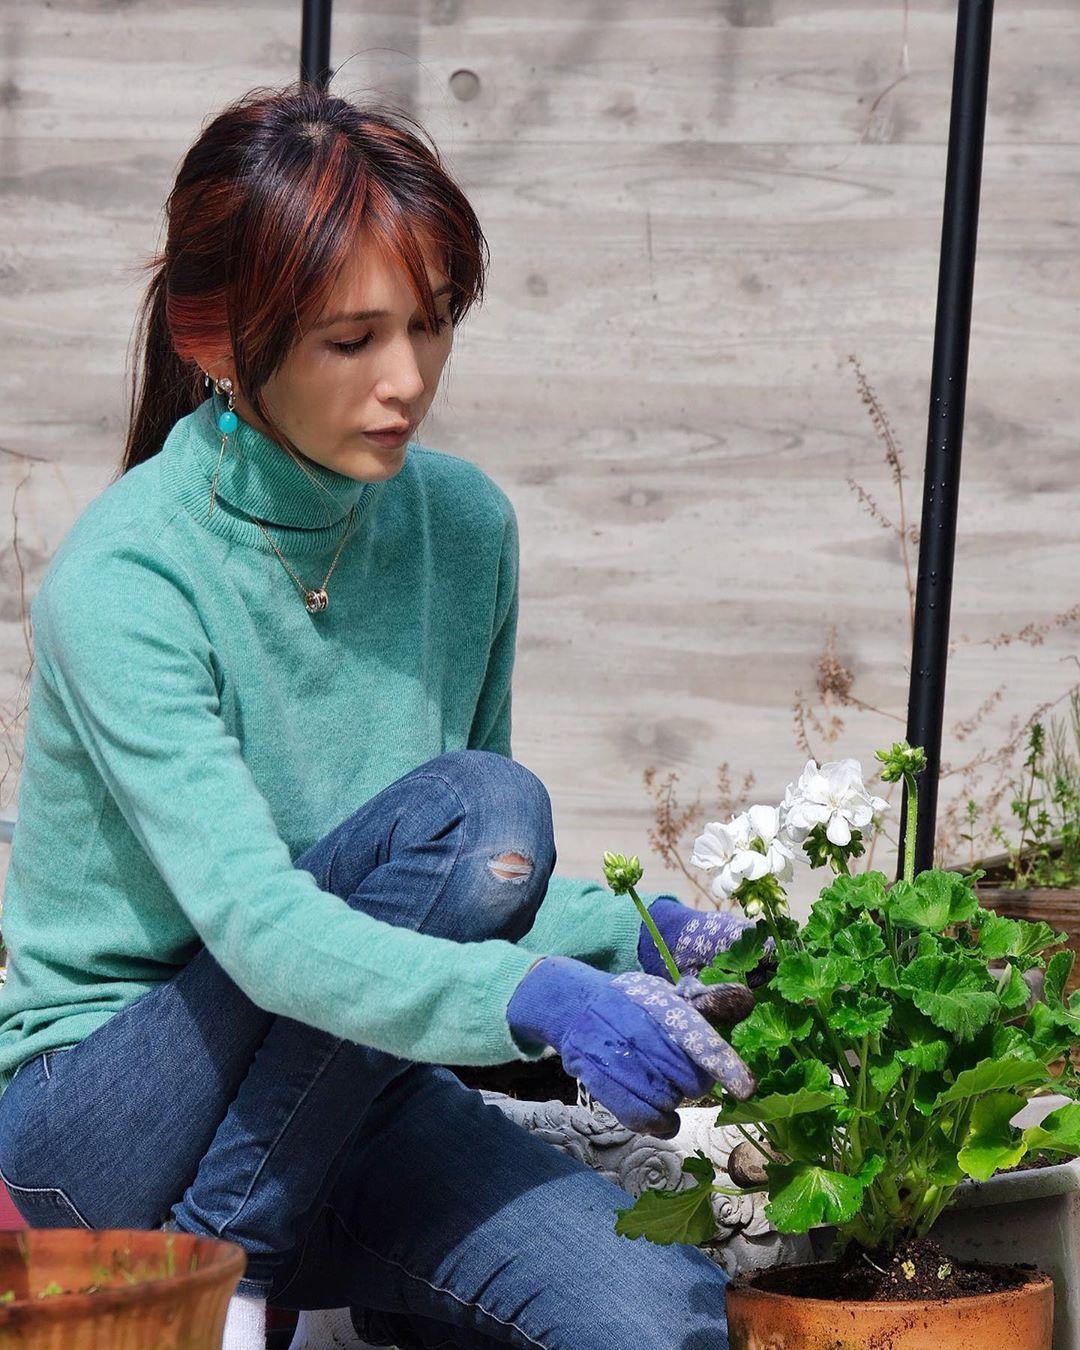 工藤静香长女木村心美拍摄的自家庭院的照片公开